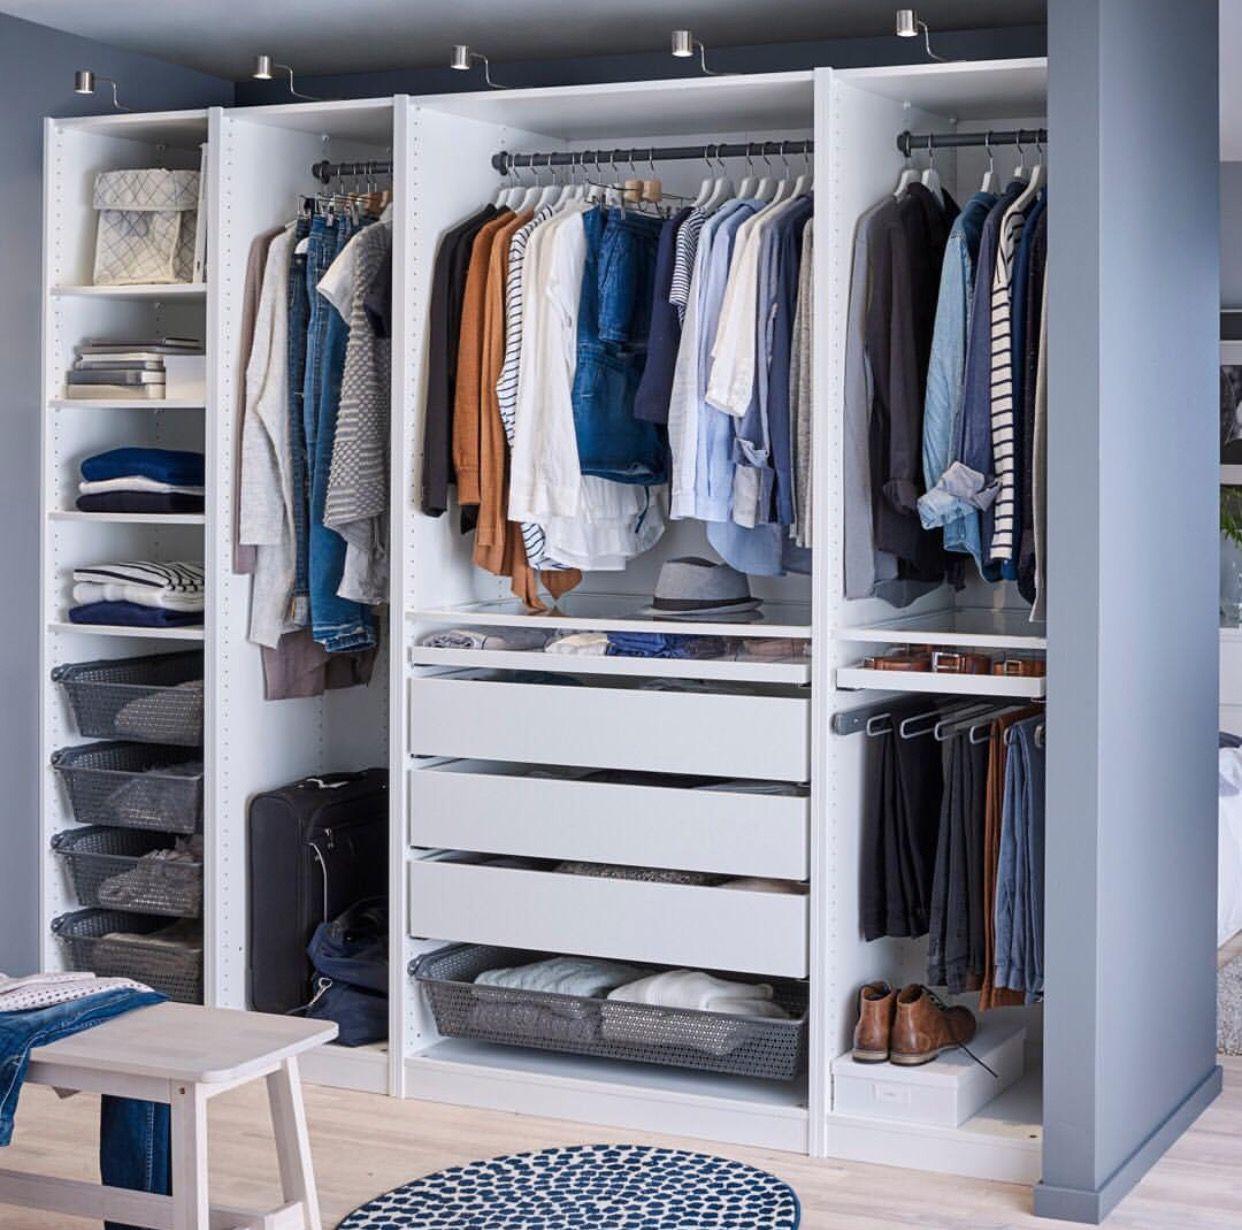 Hanging Space Different Lengths Drawers And Shelves Armario De Ropa Diseno De Closet Closet Para Dormitorio